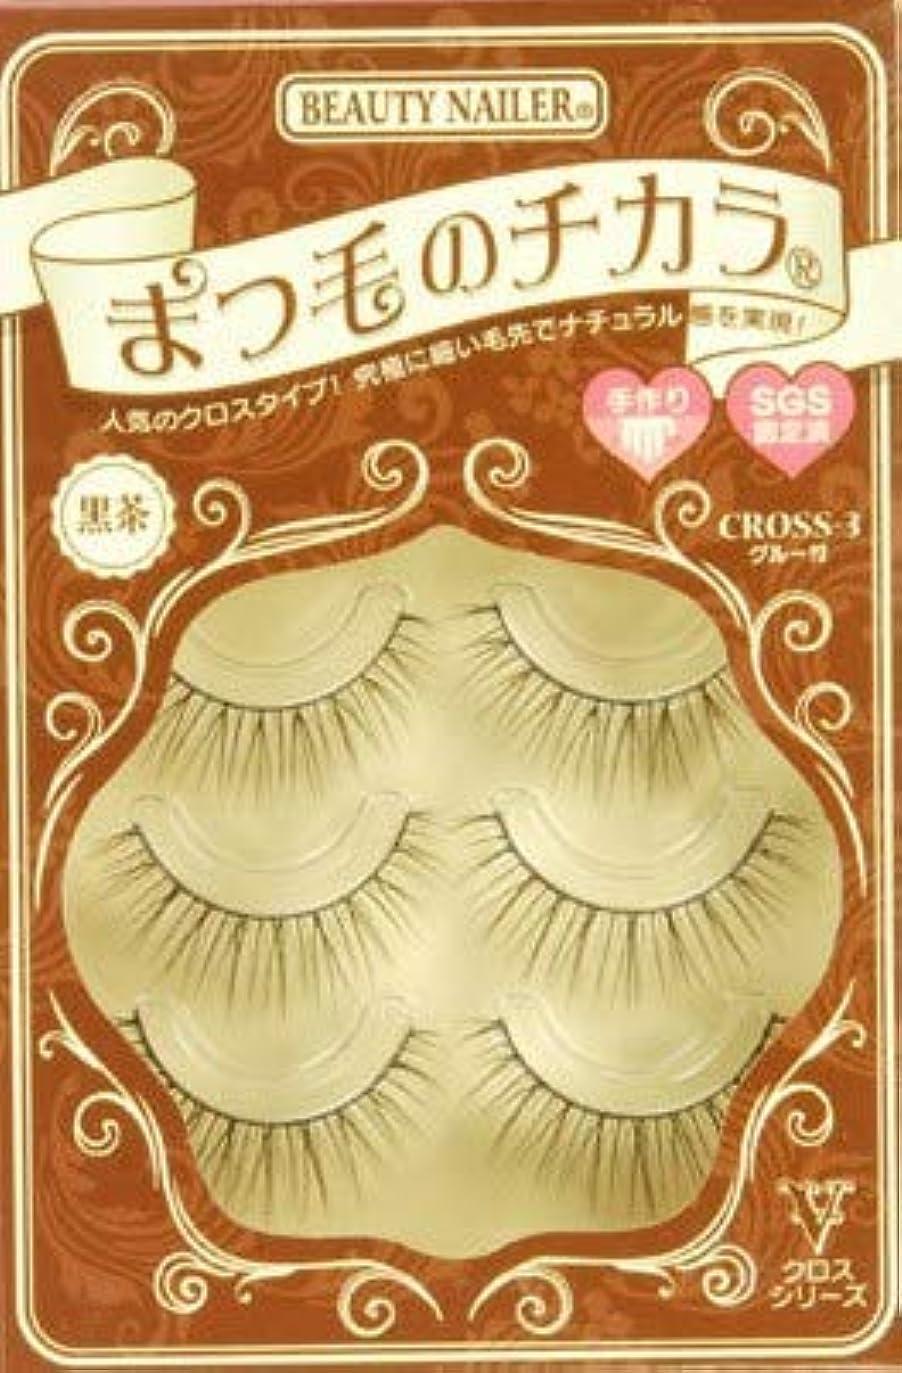 スナック提供された世代【3個セット】まつ毛のチカラ 黒茶 CROSS-3